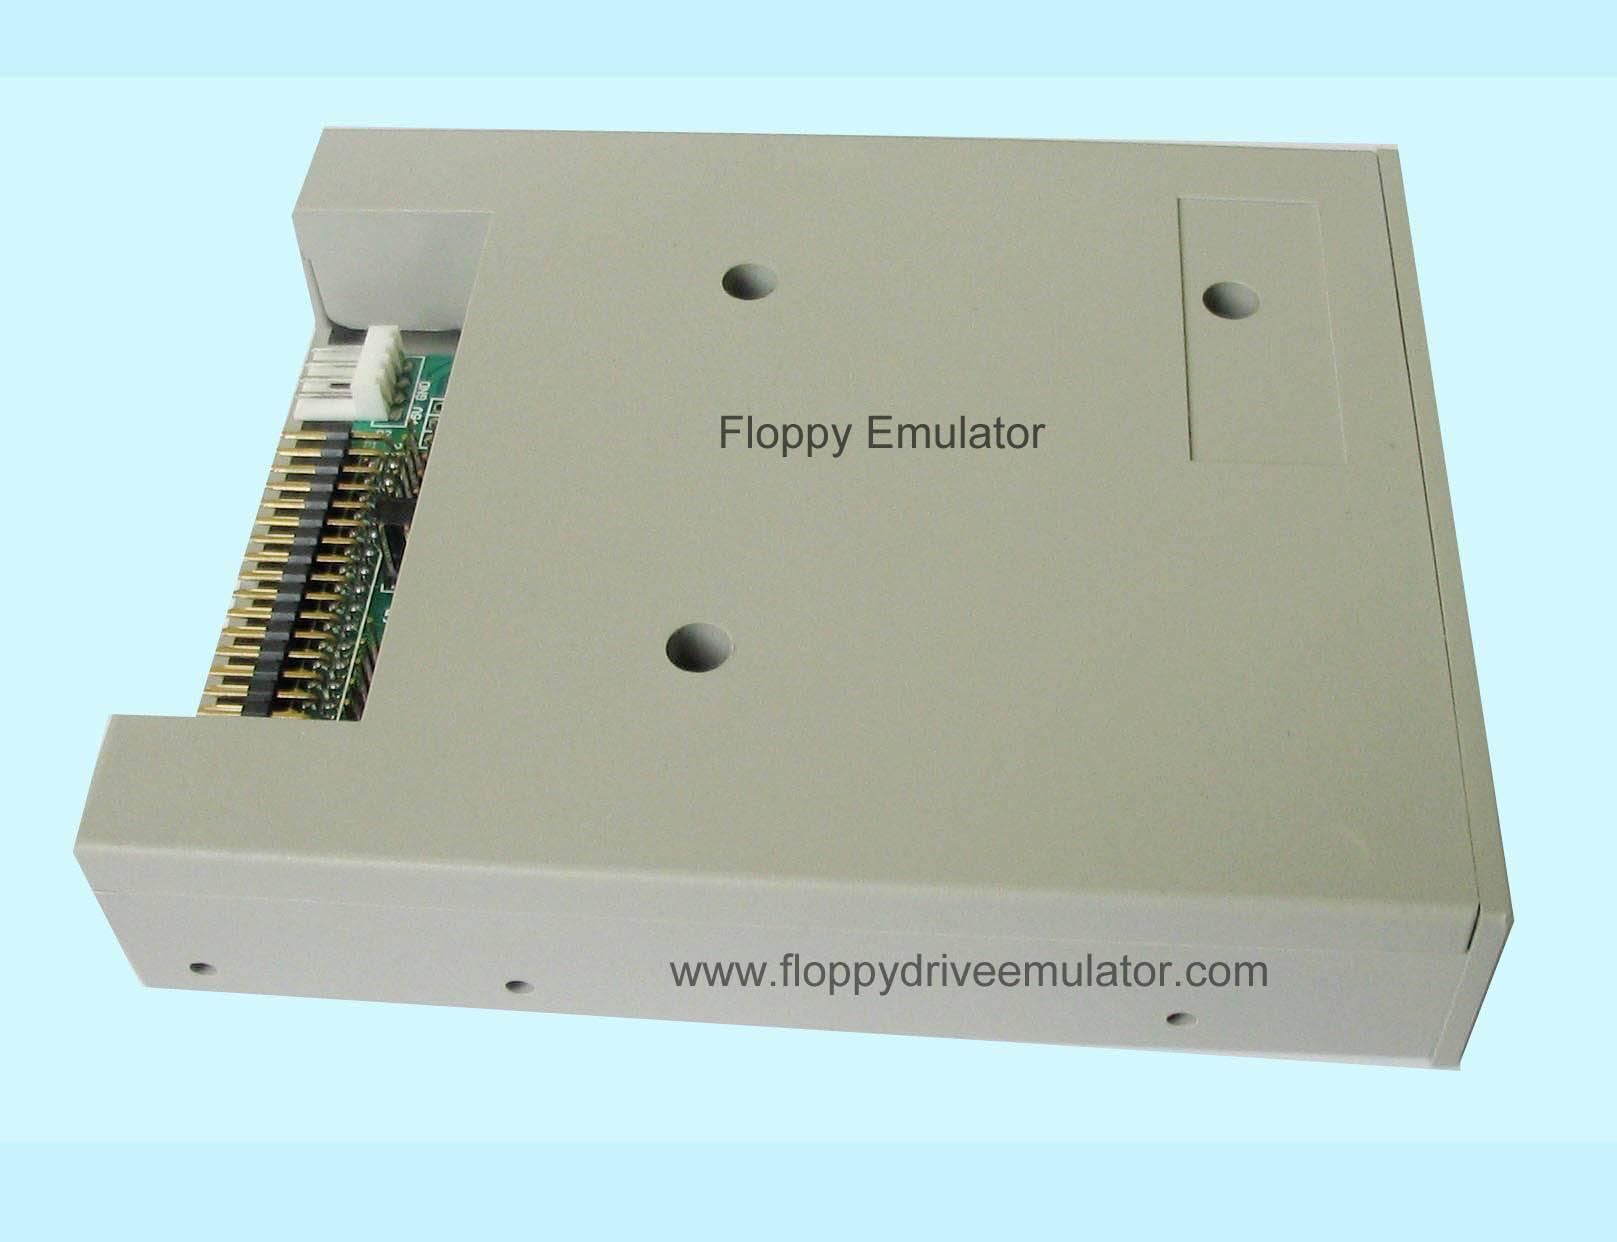 floppy emulator for label weaving machine staubli-JC5,Muller3, BONAS,Staubli-JC4